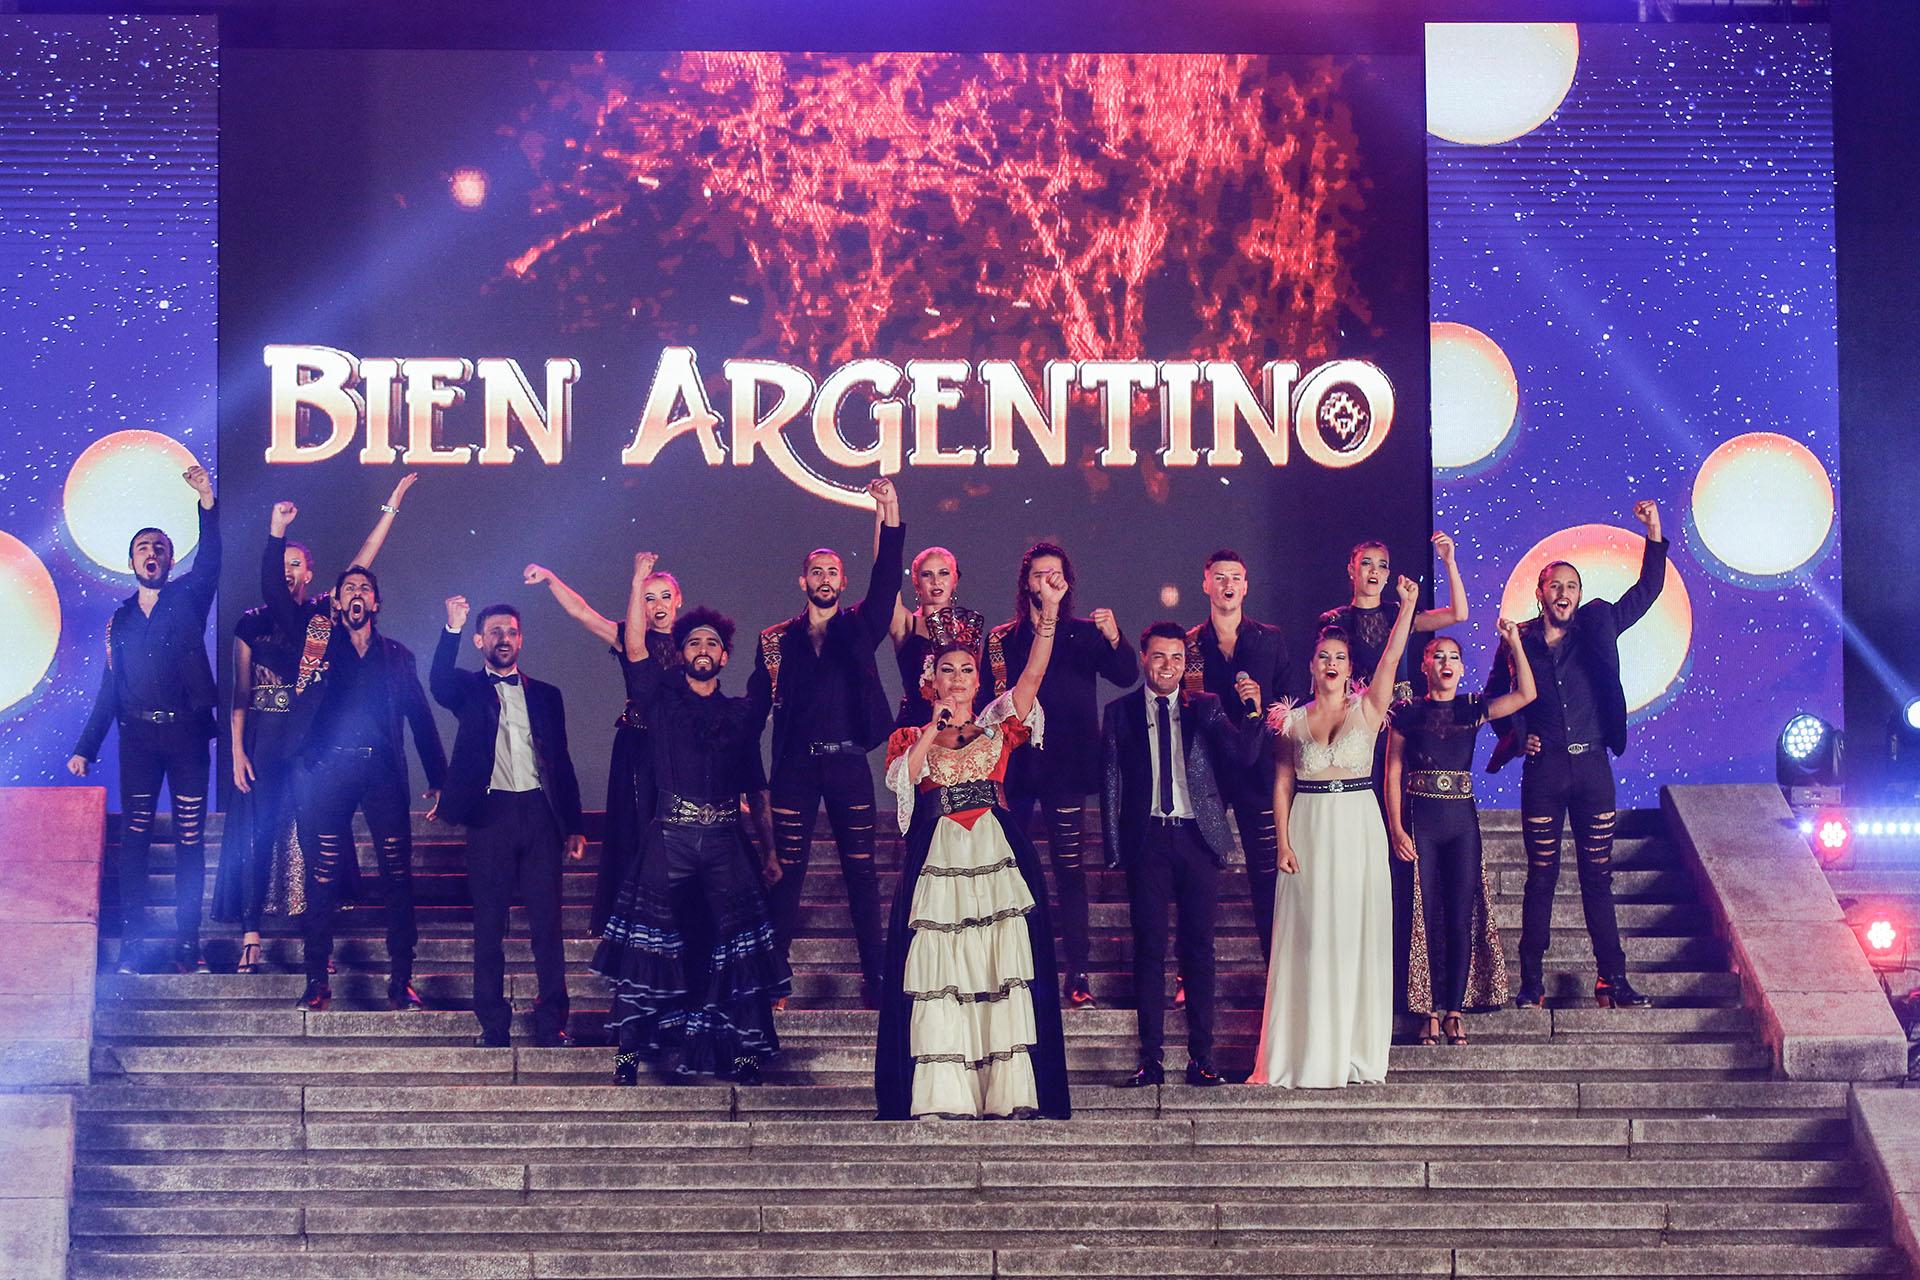 El elenco de Bien Argentino